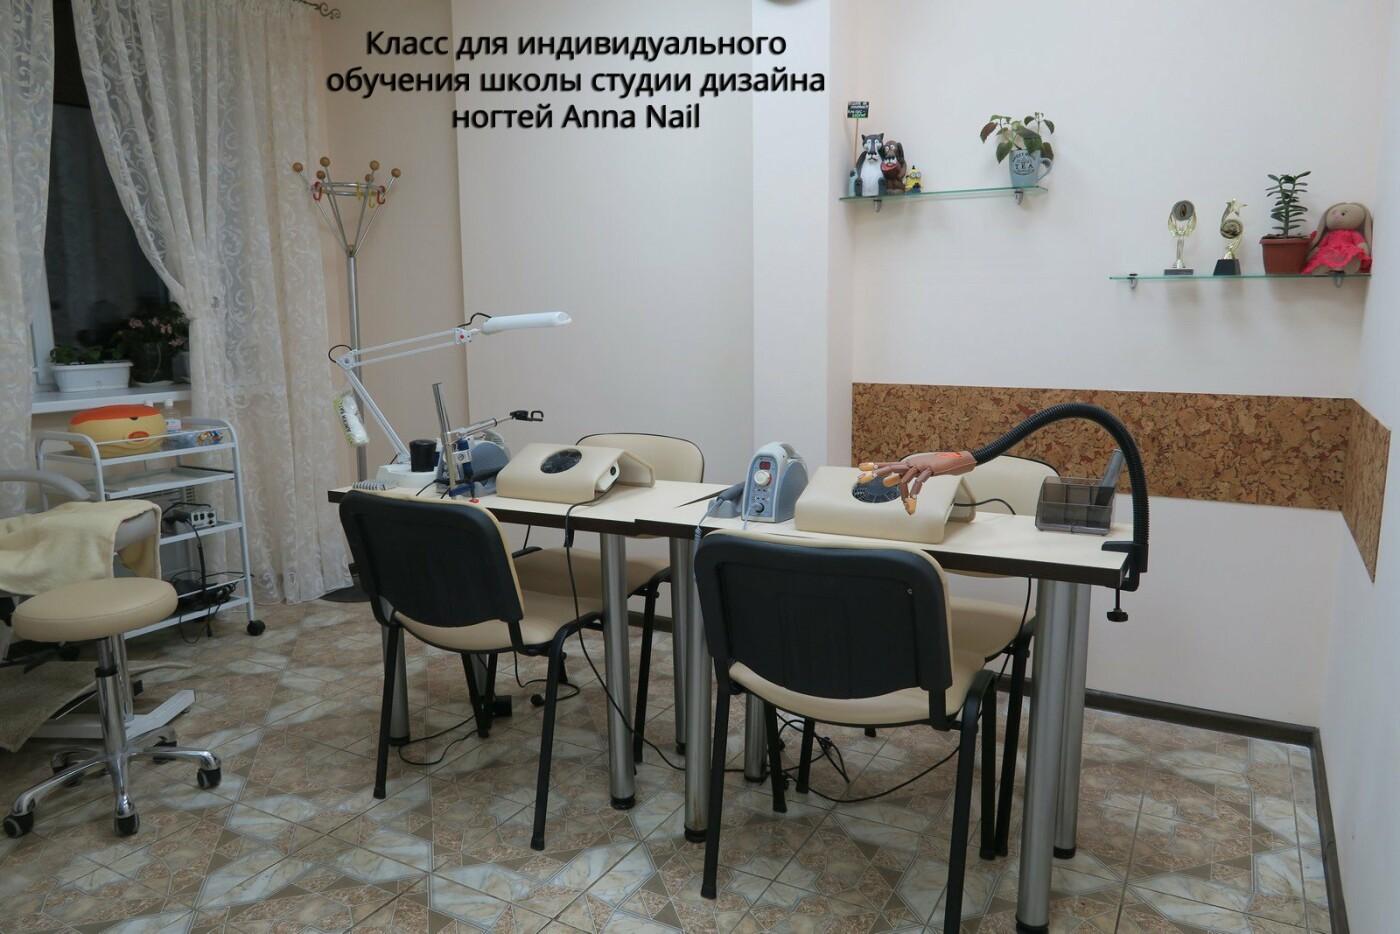 ТОП-5 образовательных курсов в Кривом Роге, фото-51